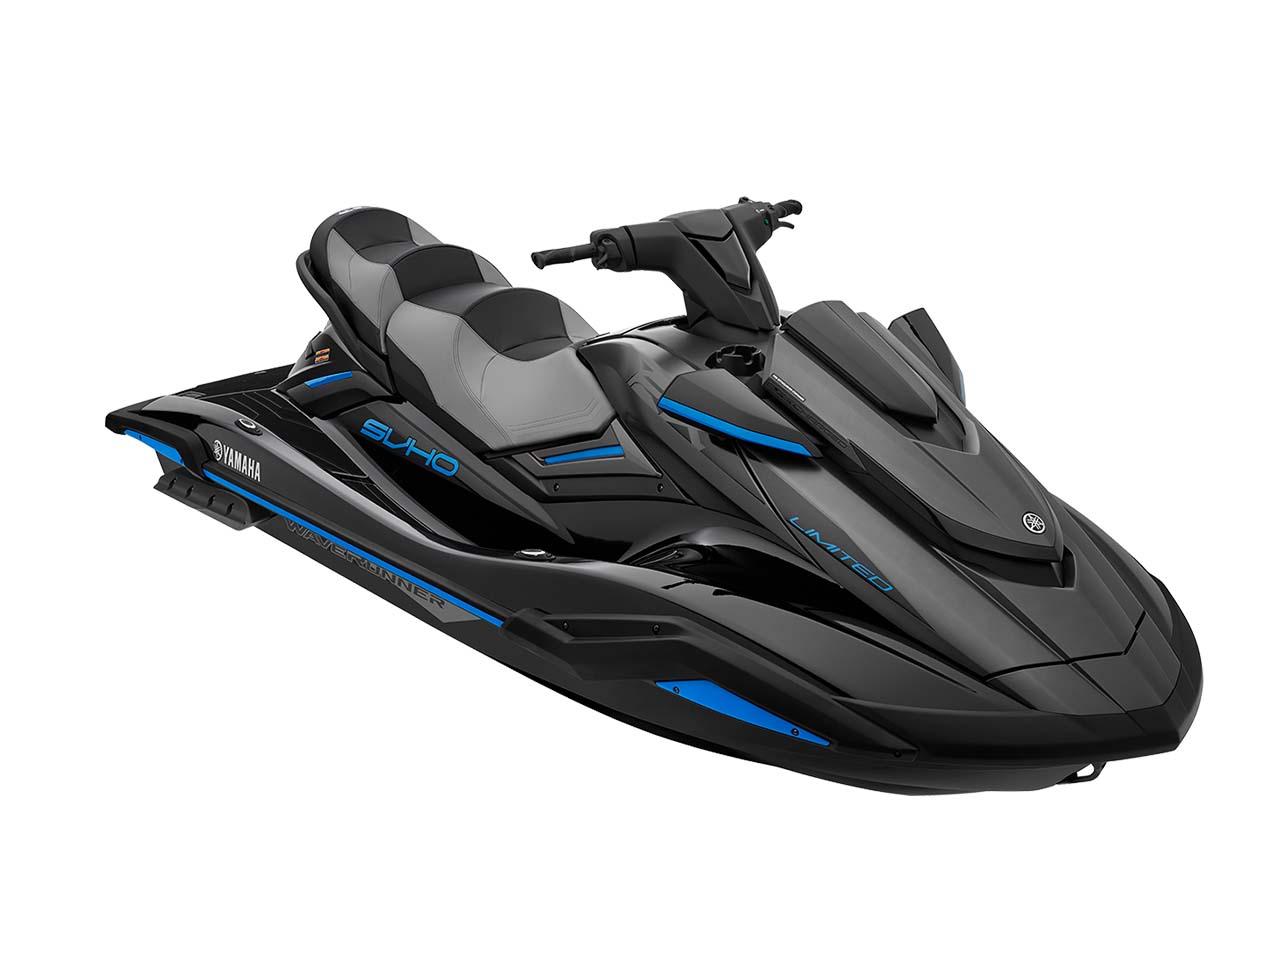 FX Limited SVHO yamaha - boat shopping